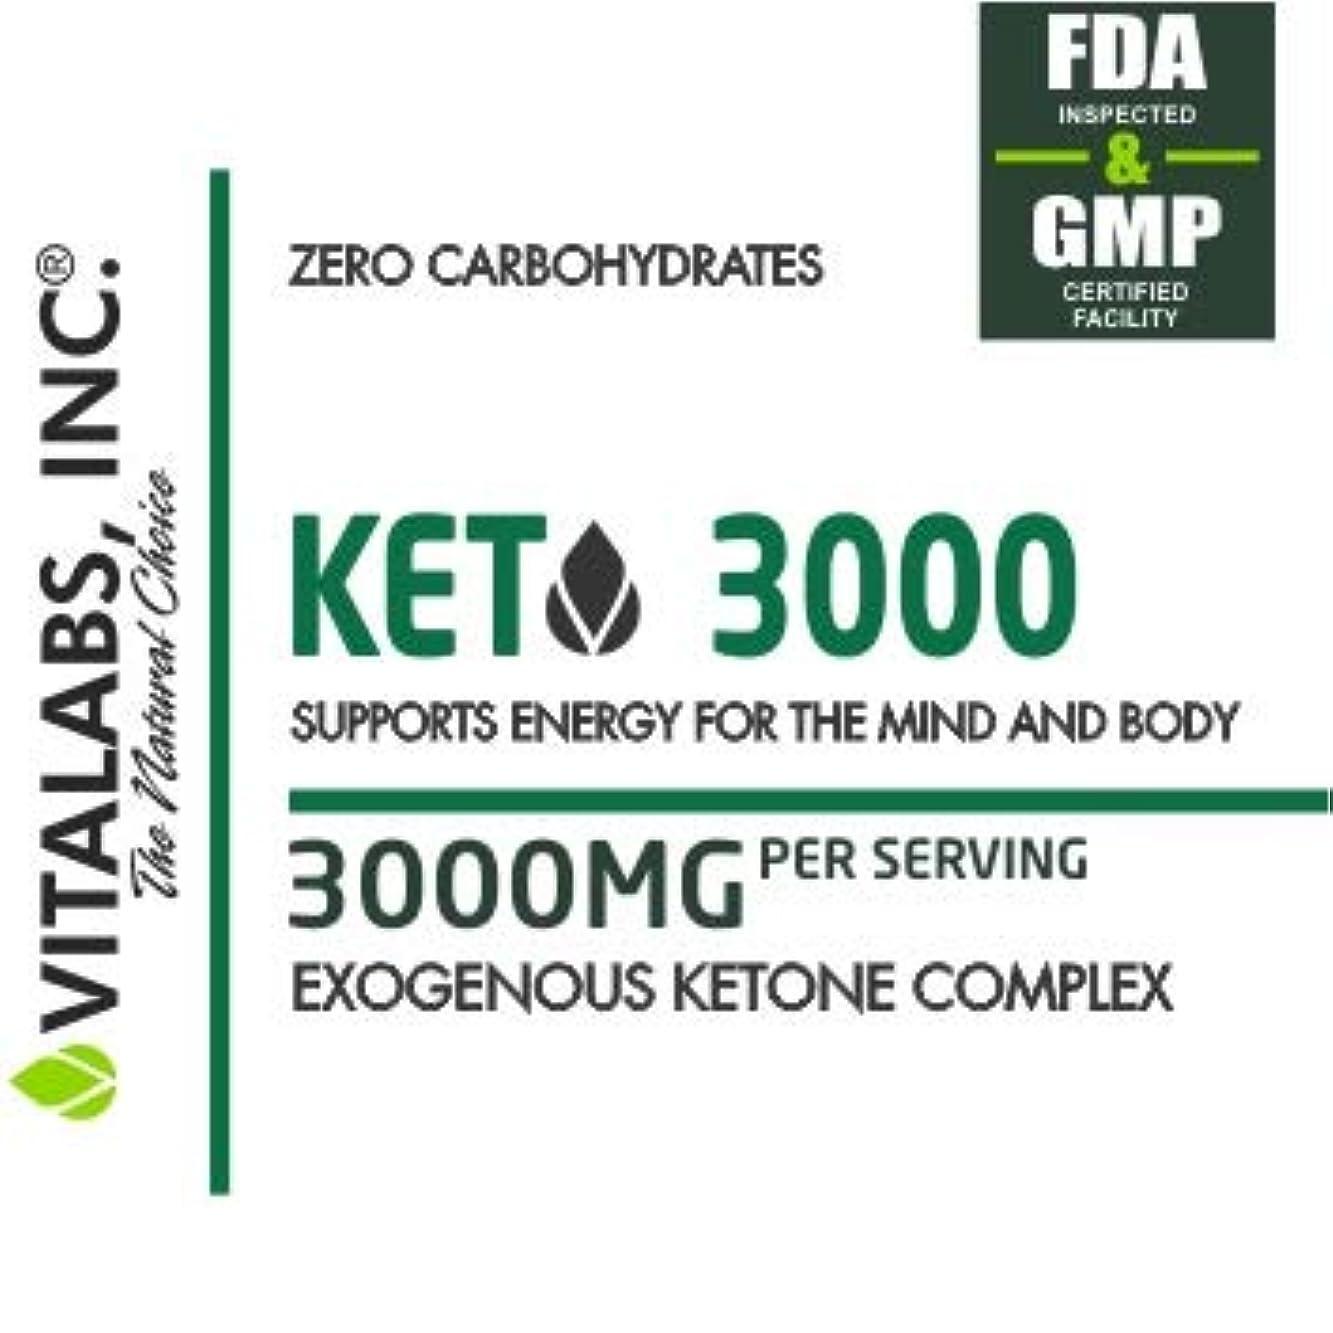 そのような方程式タヒチ低炭水化物状態を作る/ケトジェニックダイエットサポートサプリメント KETO 3000/ Vitalabs 【アメリカより直送】 (120カプセル(30回分))